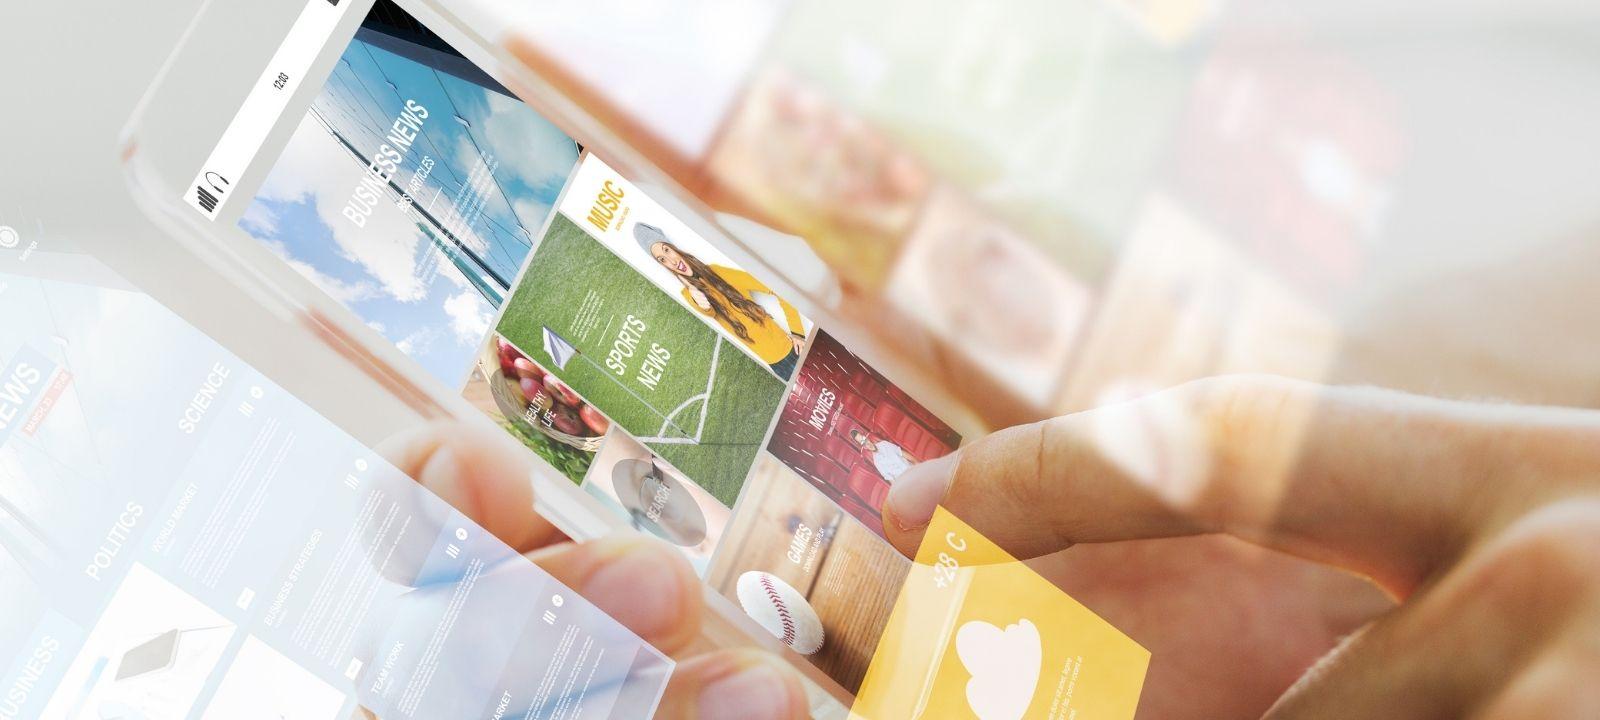 Investigadores de la Universidad de los Andes trabajan para mejorar la accesibilidad en aplicaciones móviles